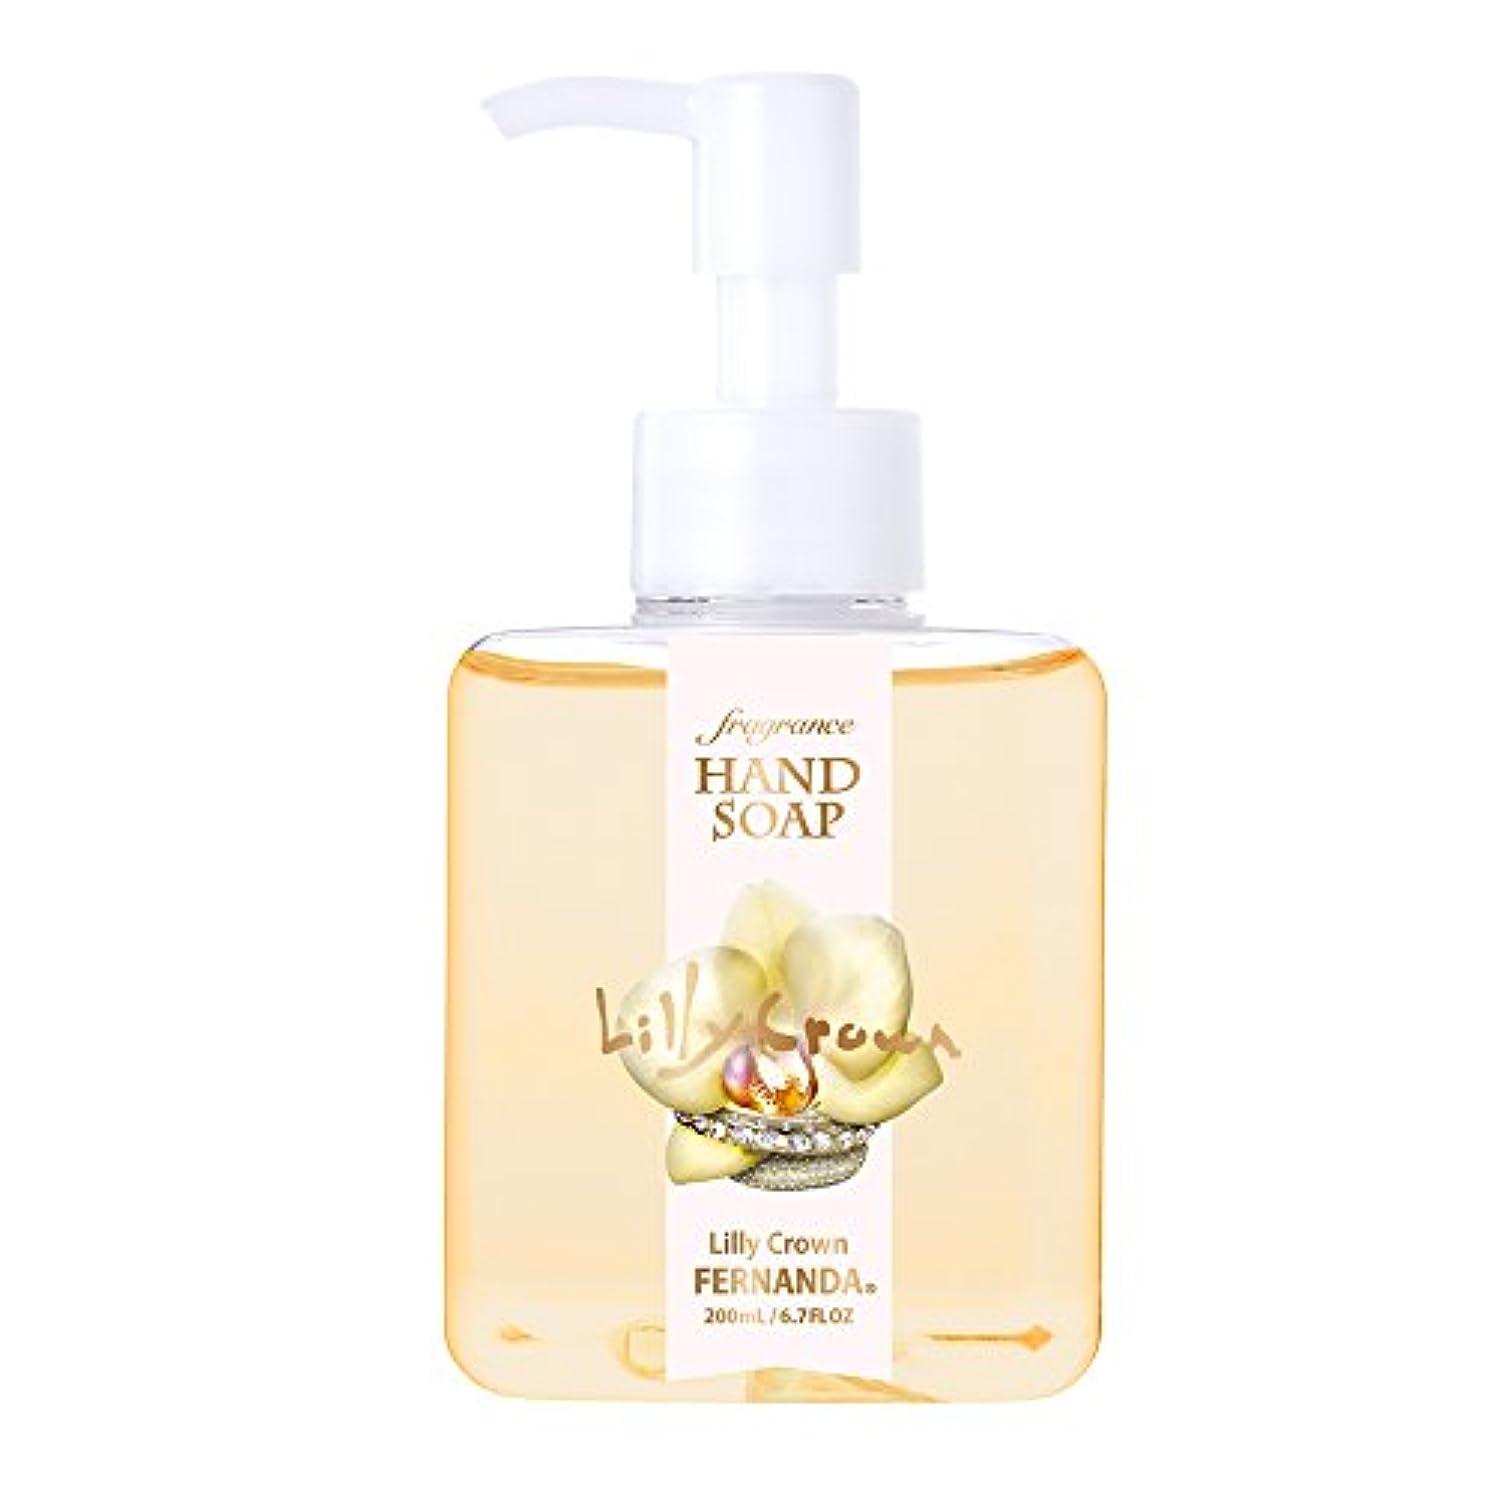 ランク洗練バレエFERNANDA(フェルナンダ) Fragrance Hand Soap Lilly Crown (ハンドソープ リリークラウン)